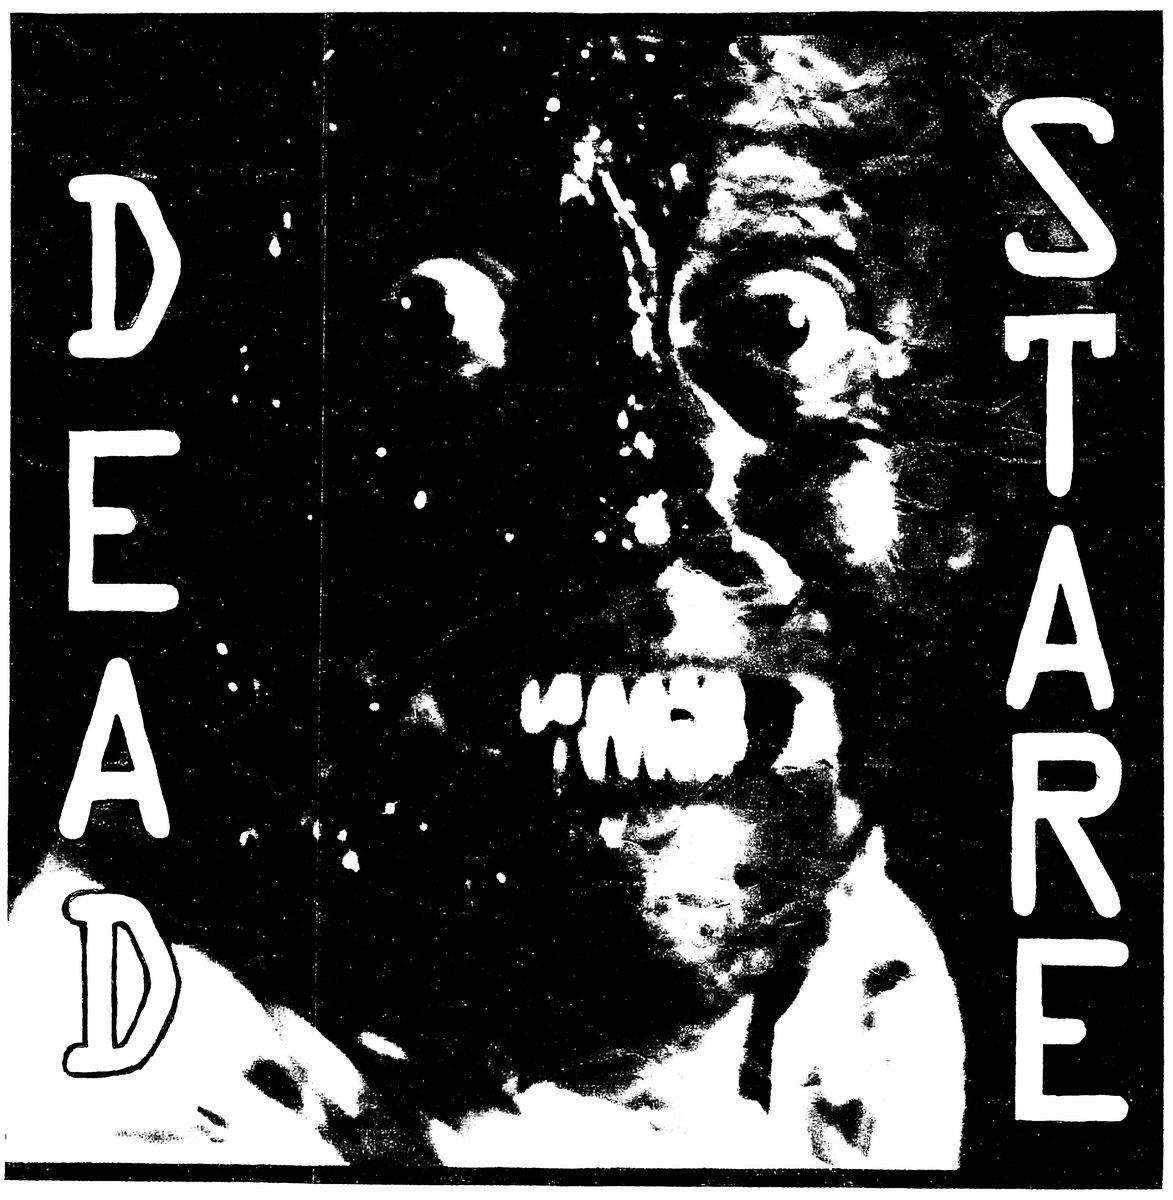 DEAD STARE (CA) picture